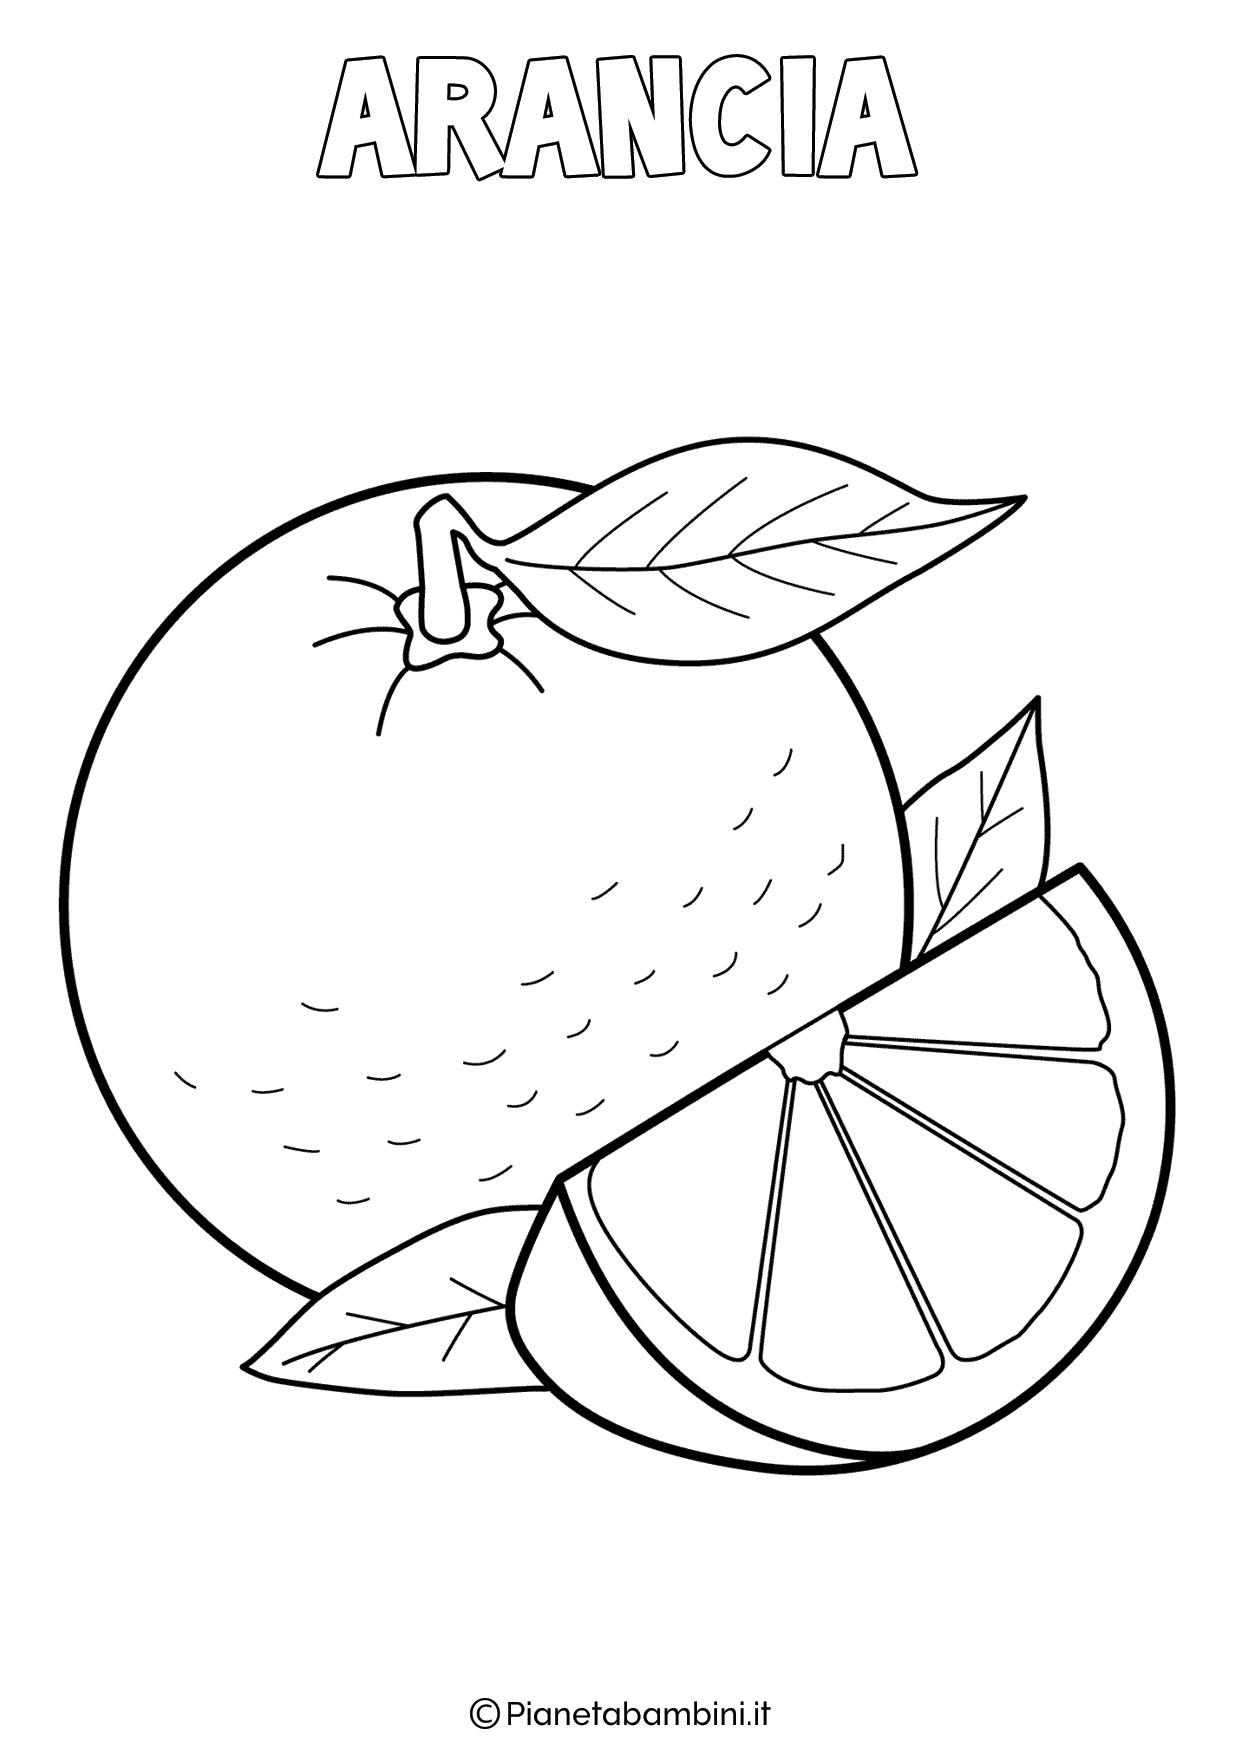 Disegno di arancia da colorare